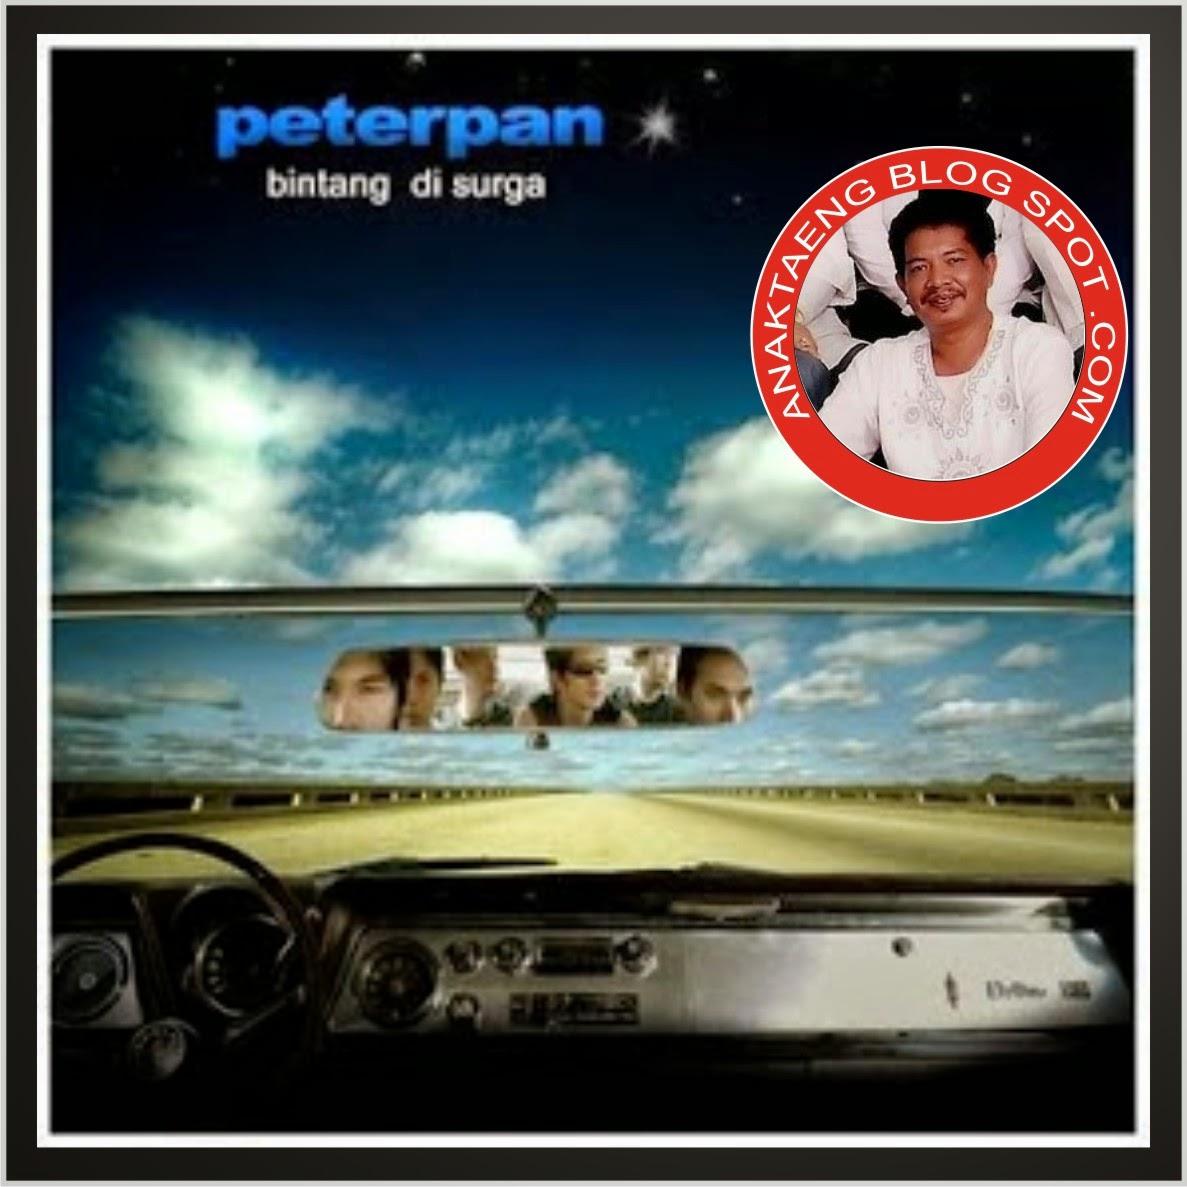 Dwonloand Lagu Meraih Bintang: Download Lagu Untuk Dikenang (by Anak Taeng): 2012-04-01